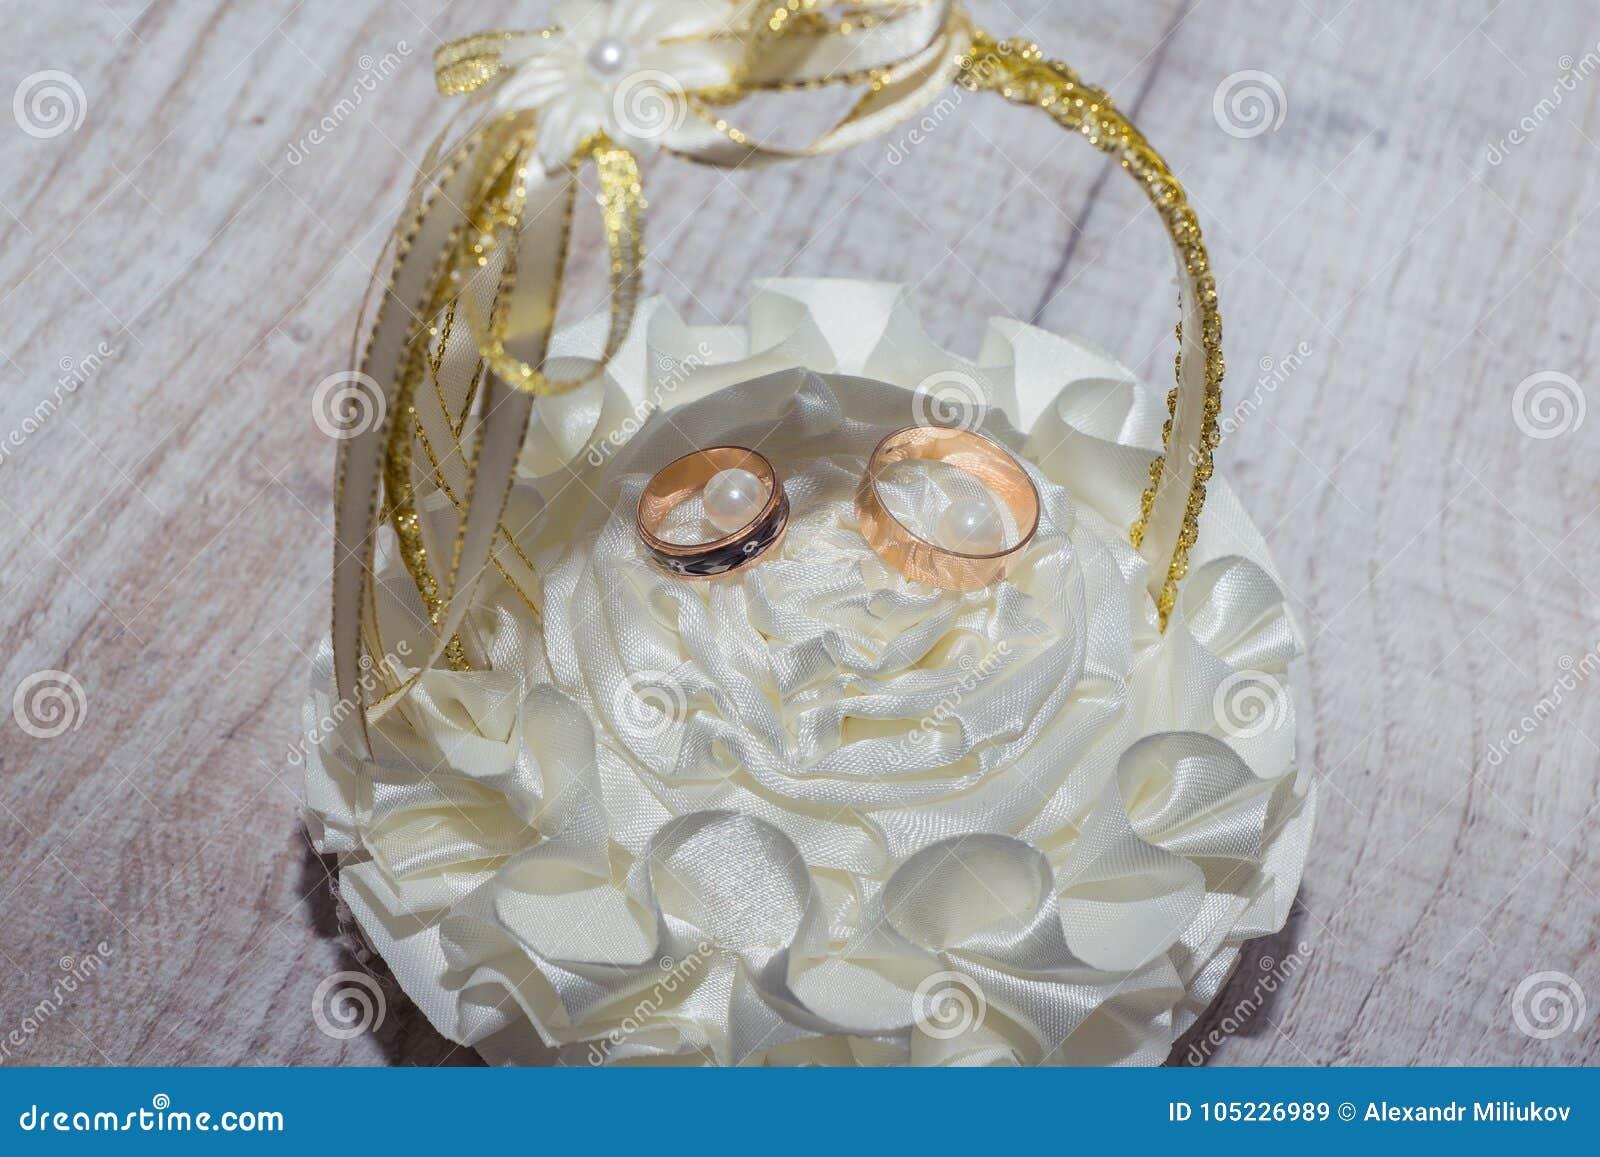 Alianças de casamento em uma cesta bonita